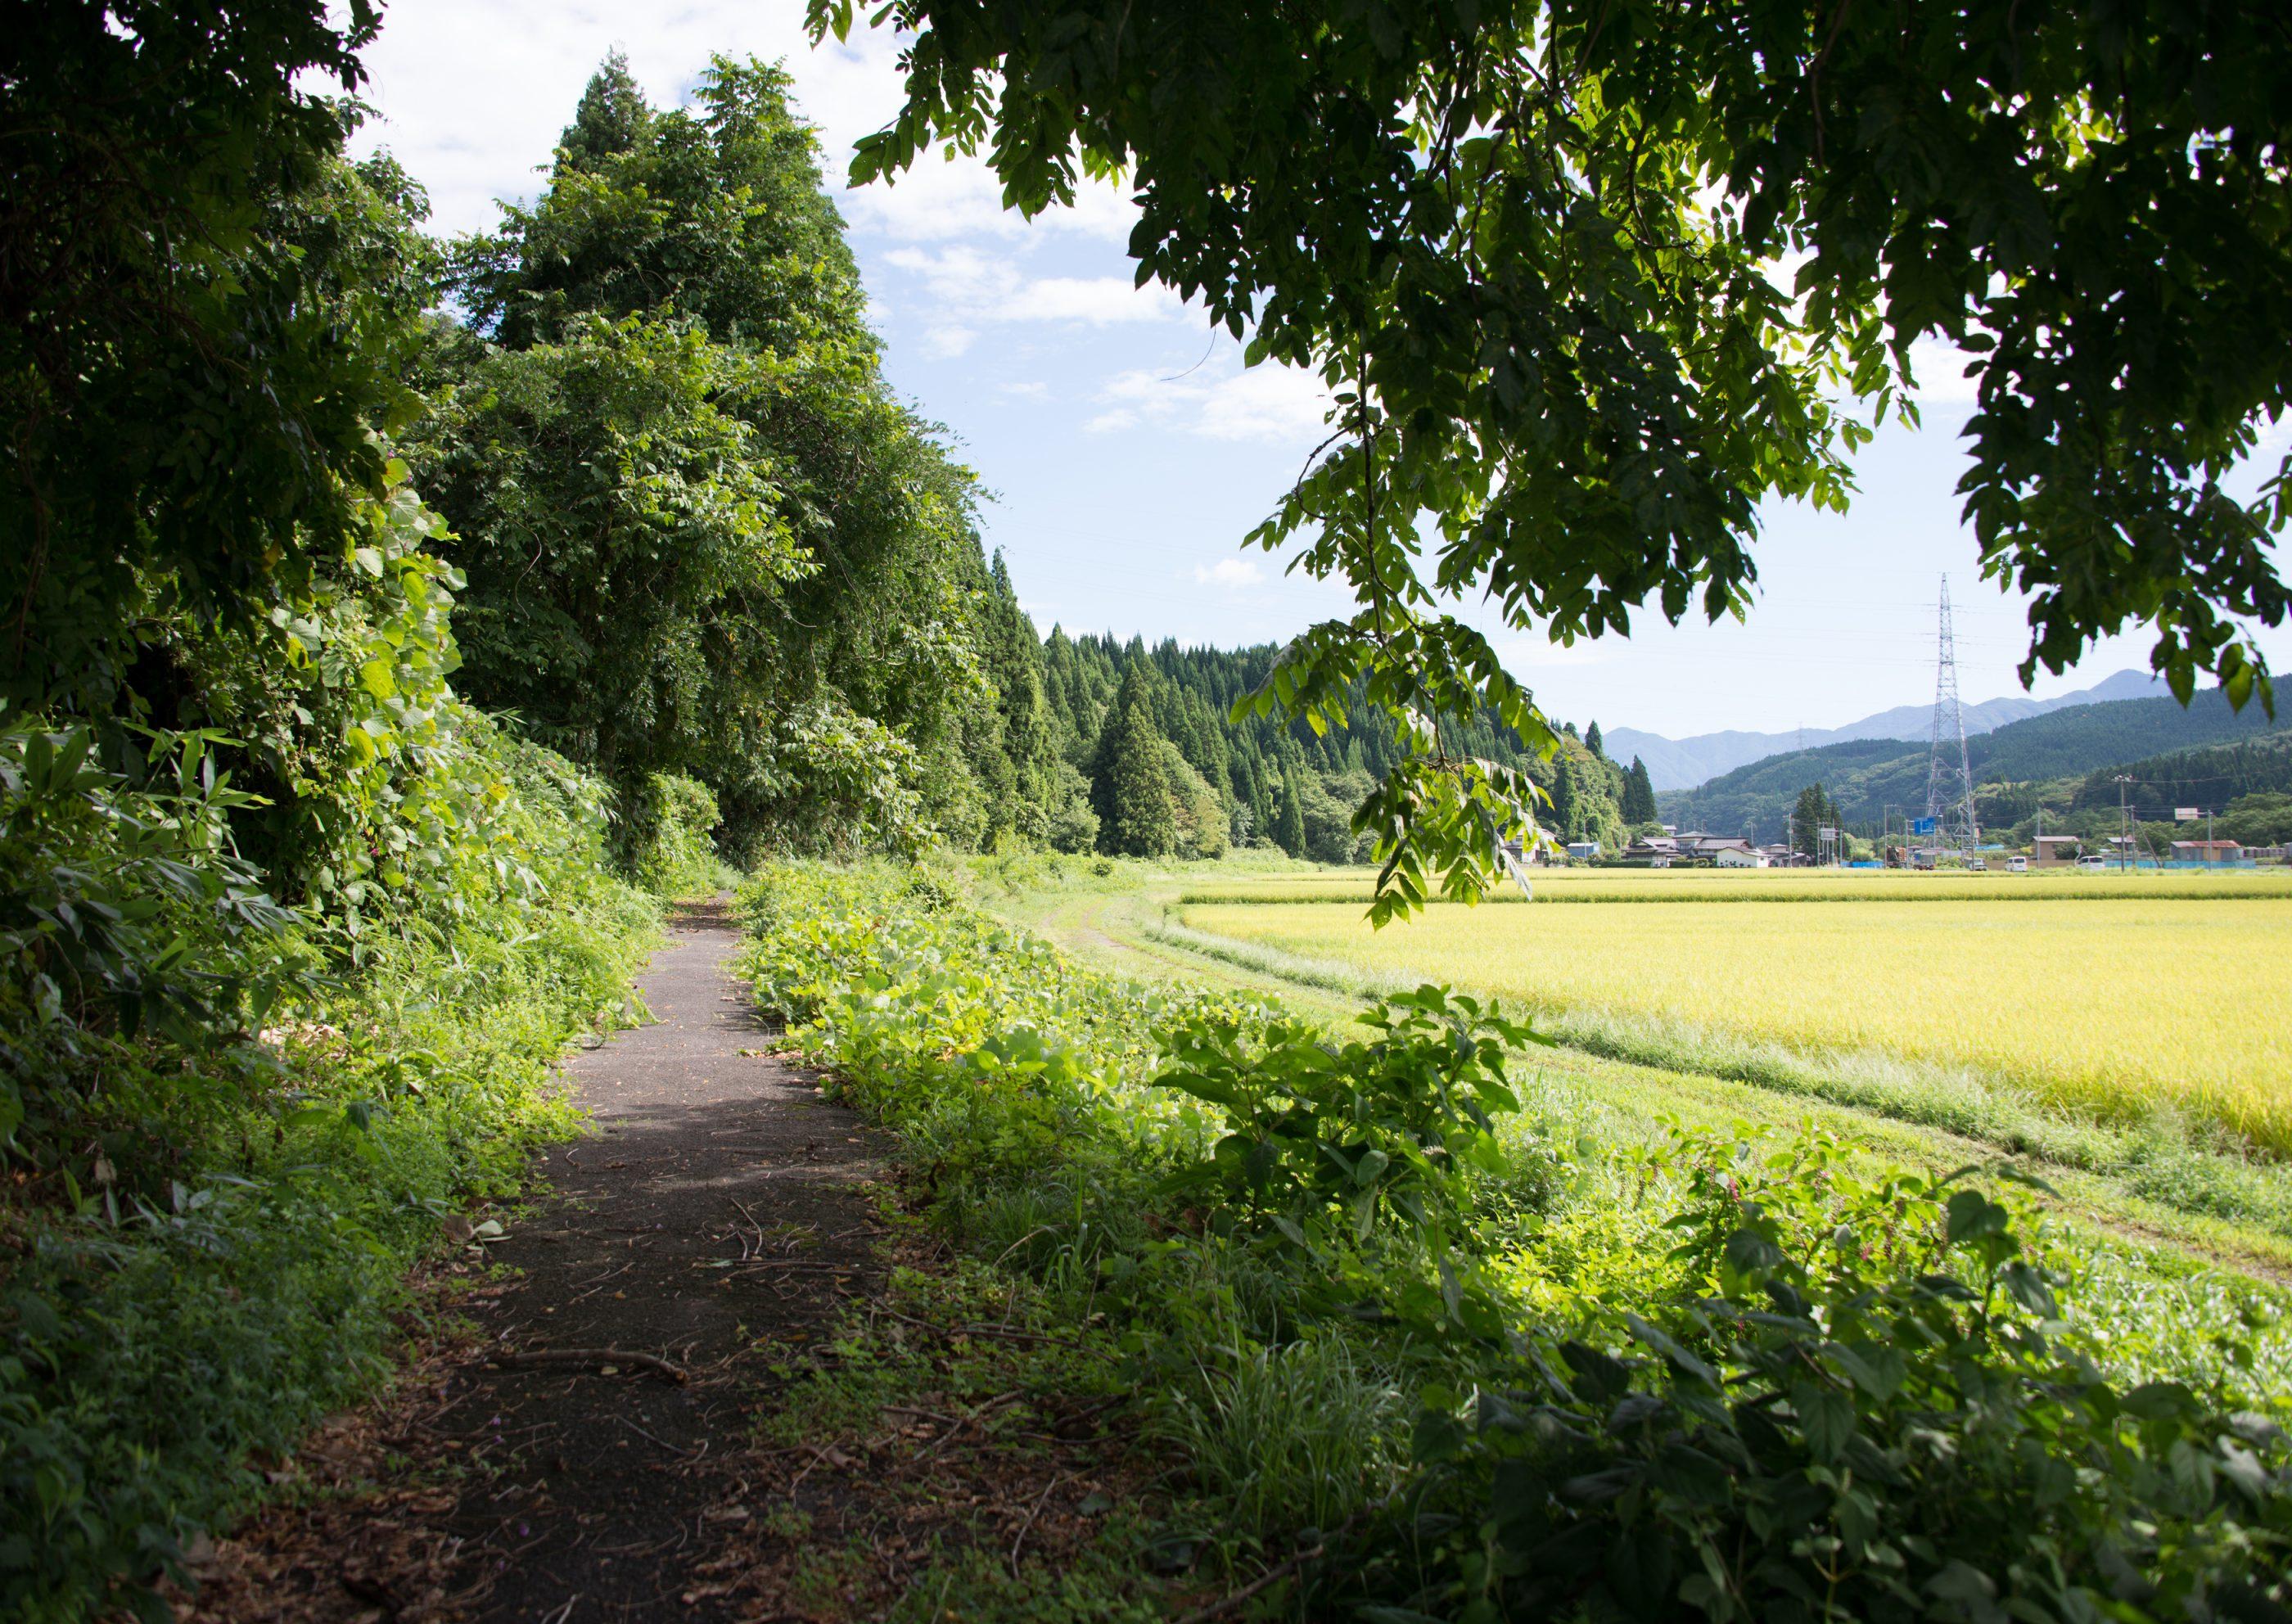 ⇑ 自転車道はこんなところです。どこからともなく蝶々が飛んできます。野鳥も沢山。